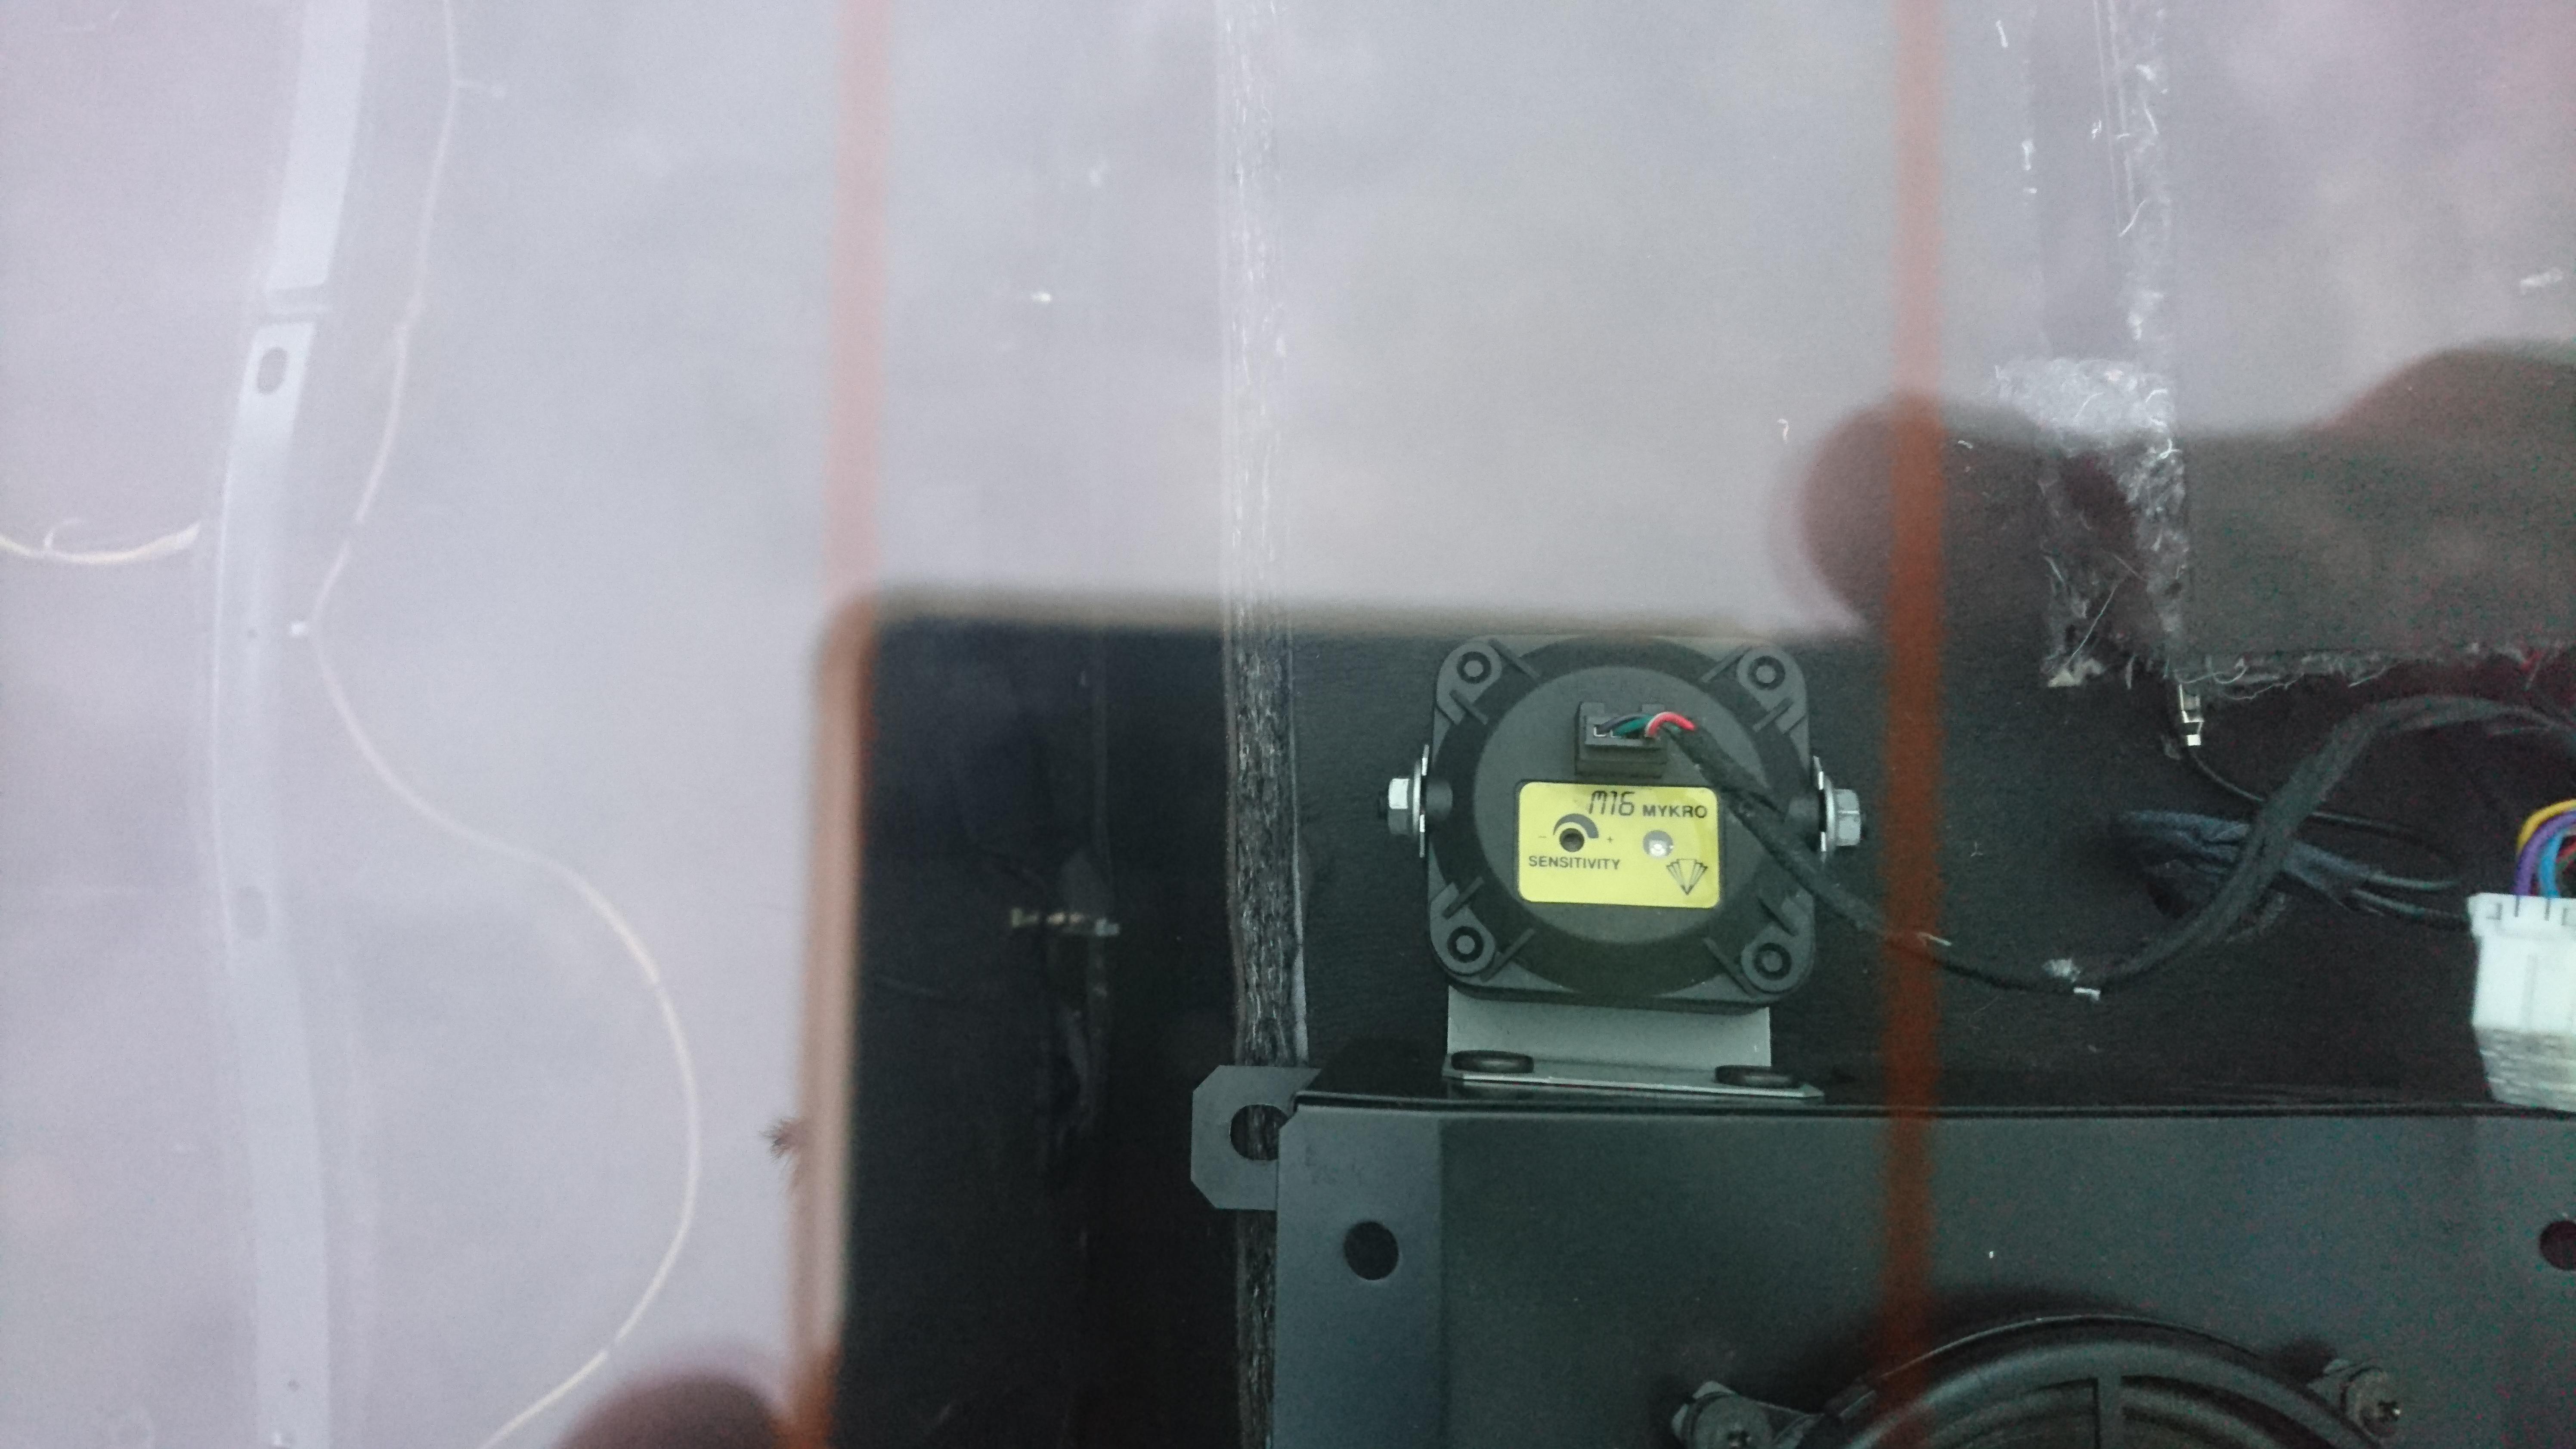 [3200GT] connecteurs fantômes boîtiers OVNI & bouton mystère OKjOJ